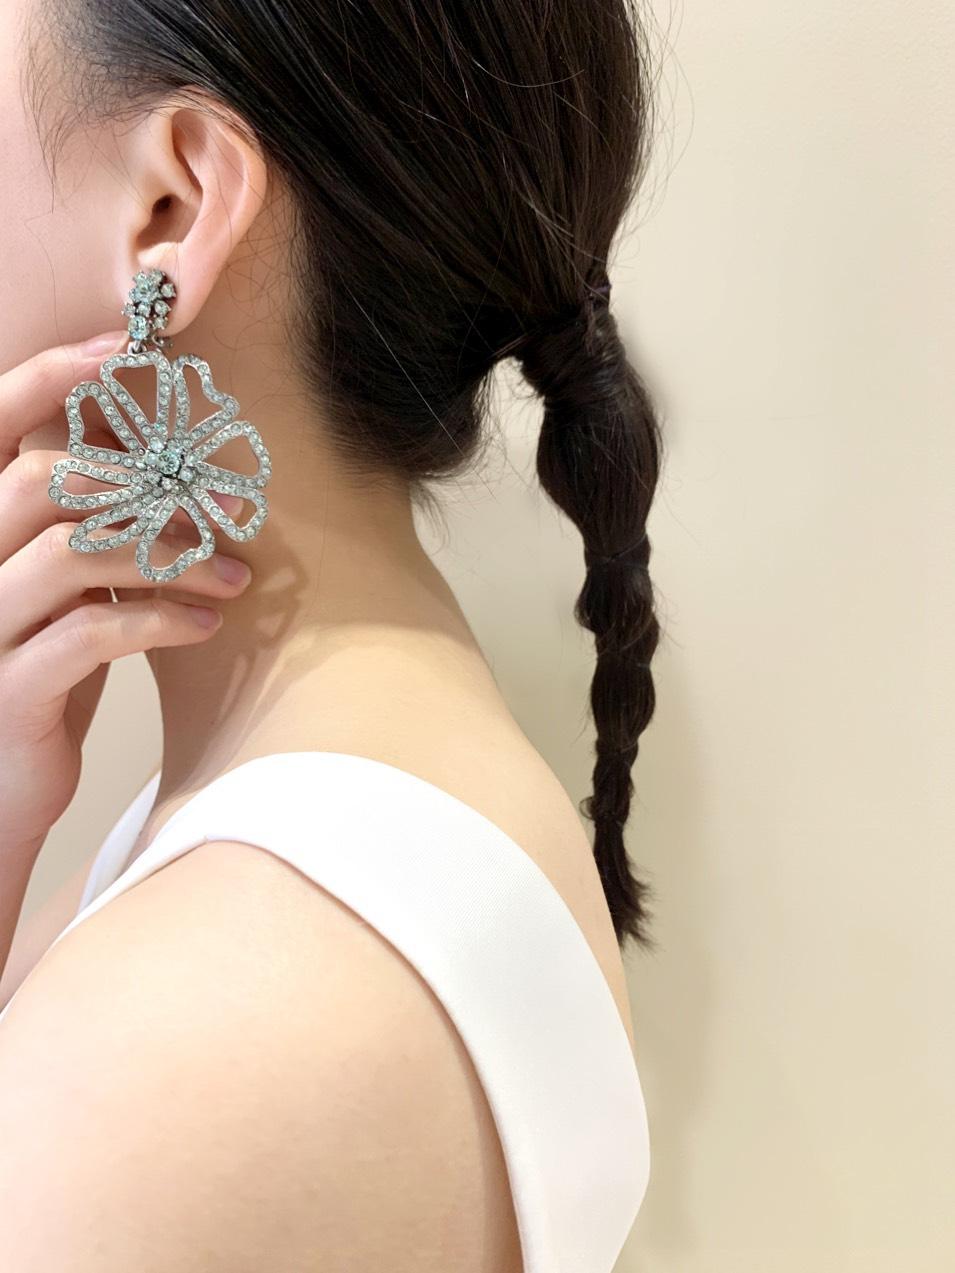 THE TREAT DRESSING(ザ・トリート・ドレッシング)京都店にてお取り扱いしているOscar de la Renta(オスカー・デ・ラ・レンタ)のスワロフスキーがあしらわれたフラワーモチーフのイヤリングとタフタ素材のシンプルなウエディングのお洒落なウエディングスタイル